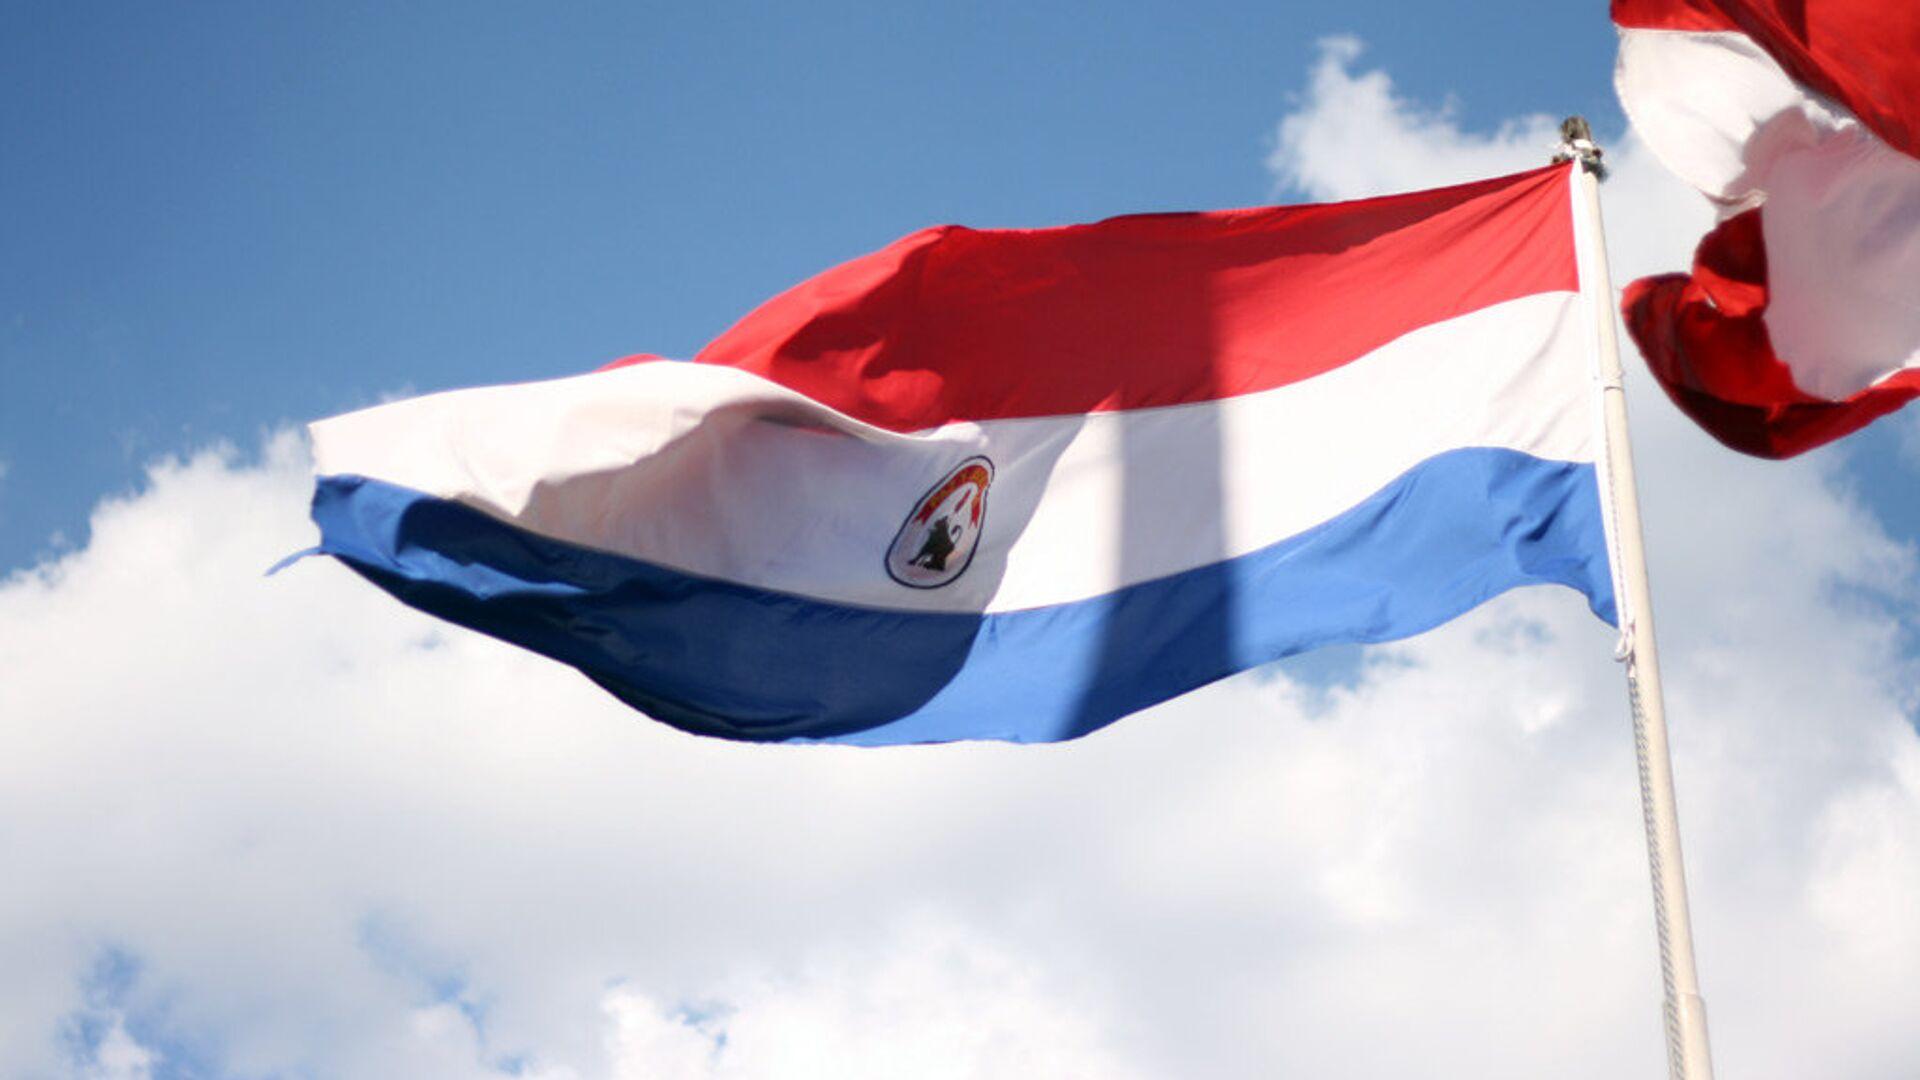 Bandera de Paraguay - Sputnik Mundo, 1920, 18.02.2021